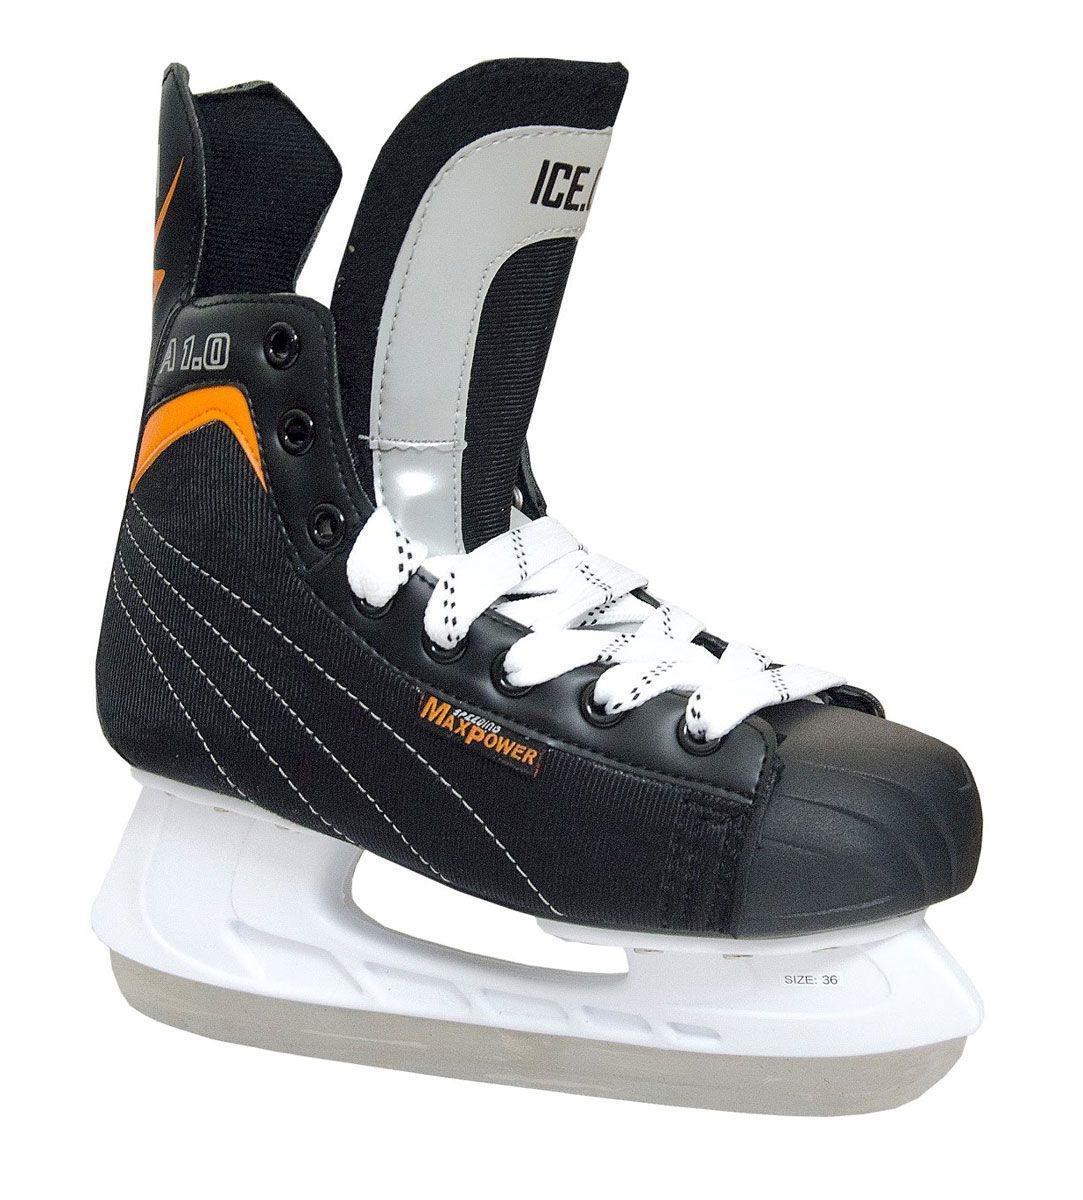 Коньки хоккейные Ice.Com A 1.0 2014, цвет: черный, оранжевый. Размер 39